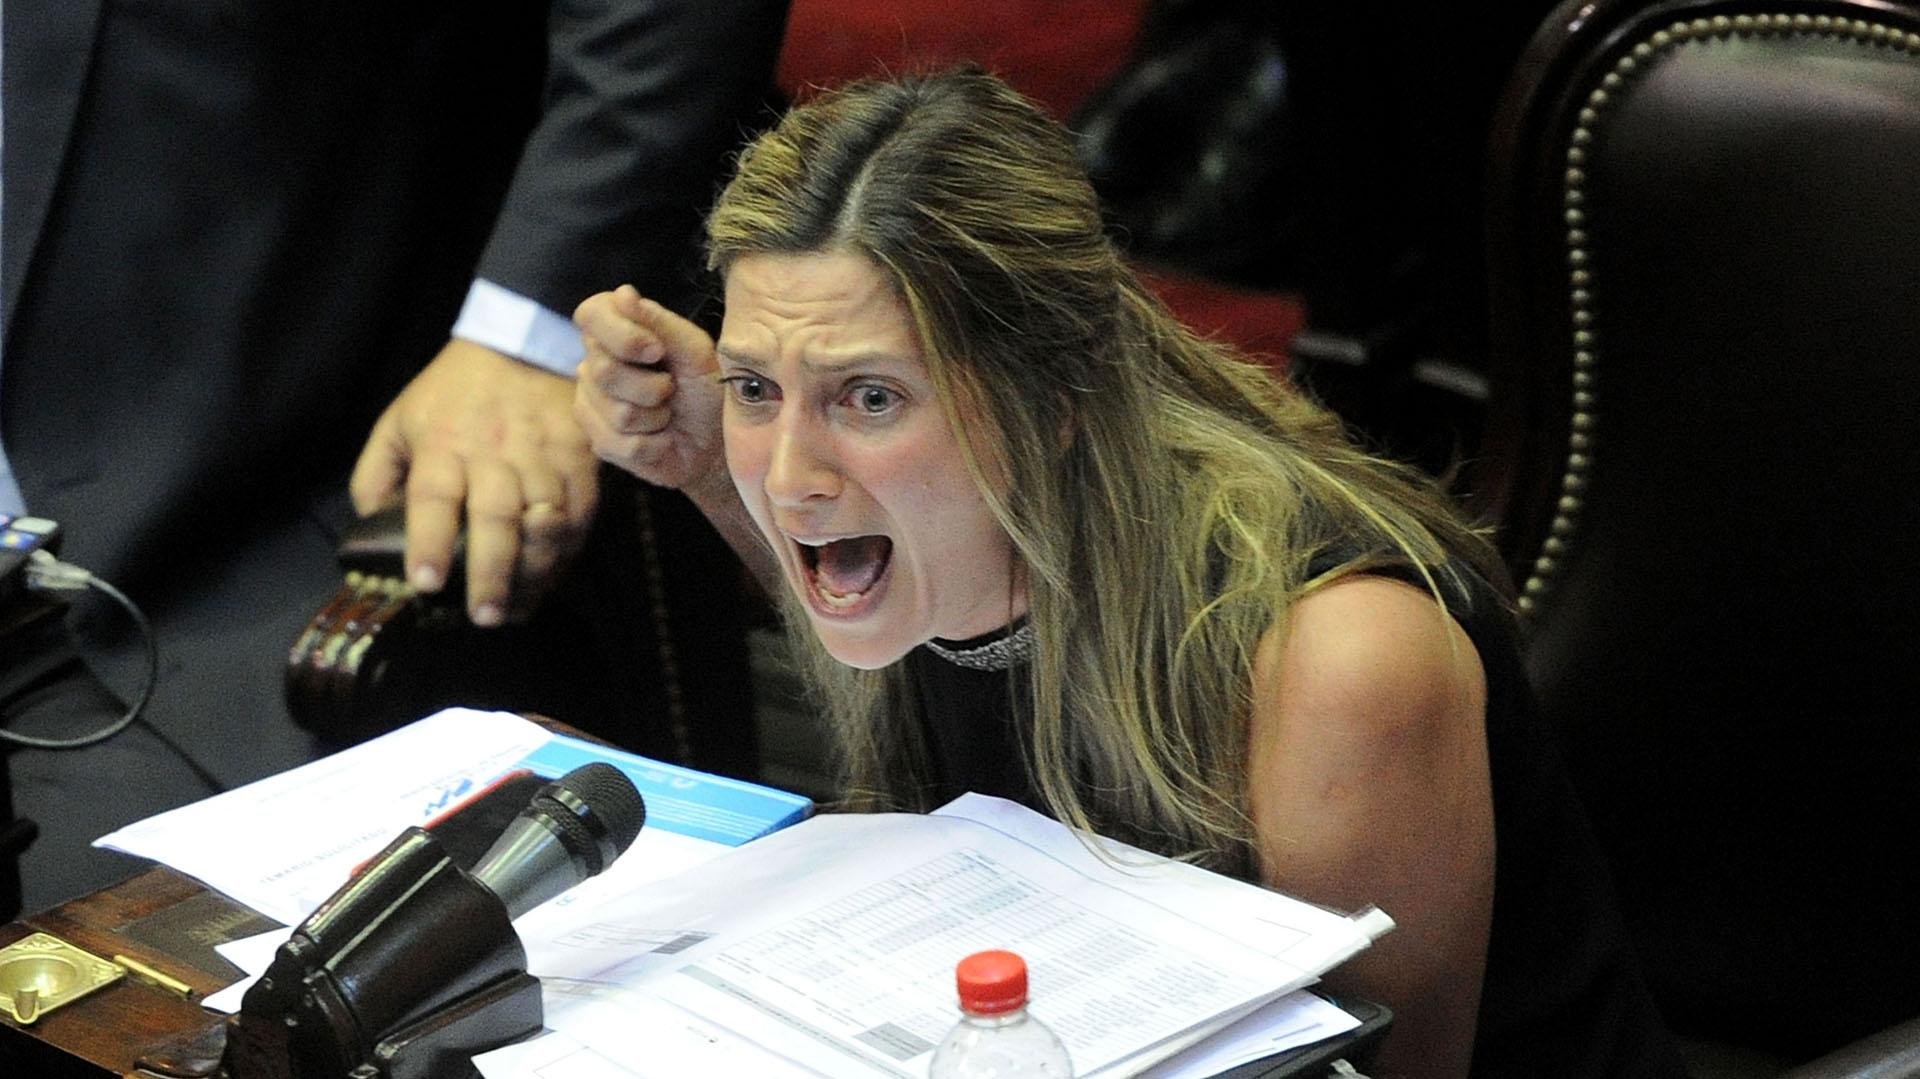 La ira de la diputada macrista Silvia Lospennato contra el kirchnerismo y el massismo por Ganancias - Infobae